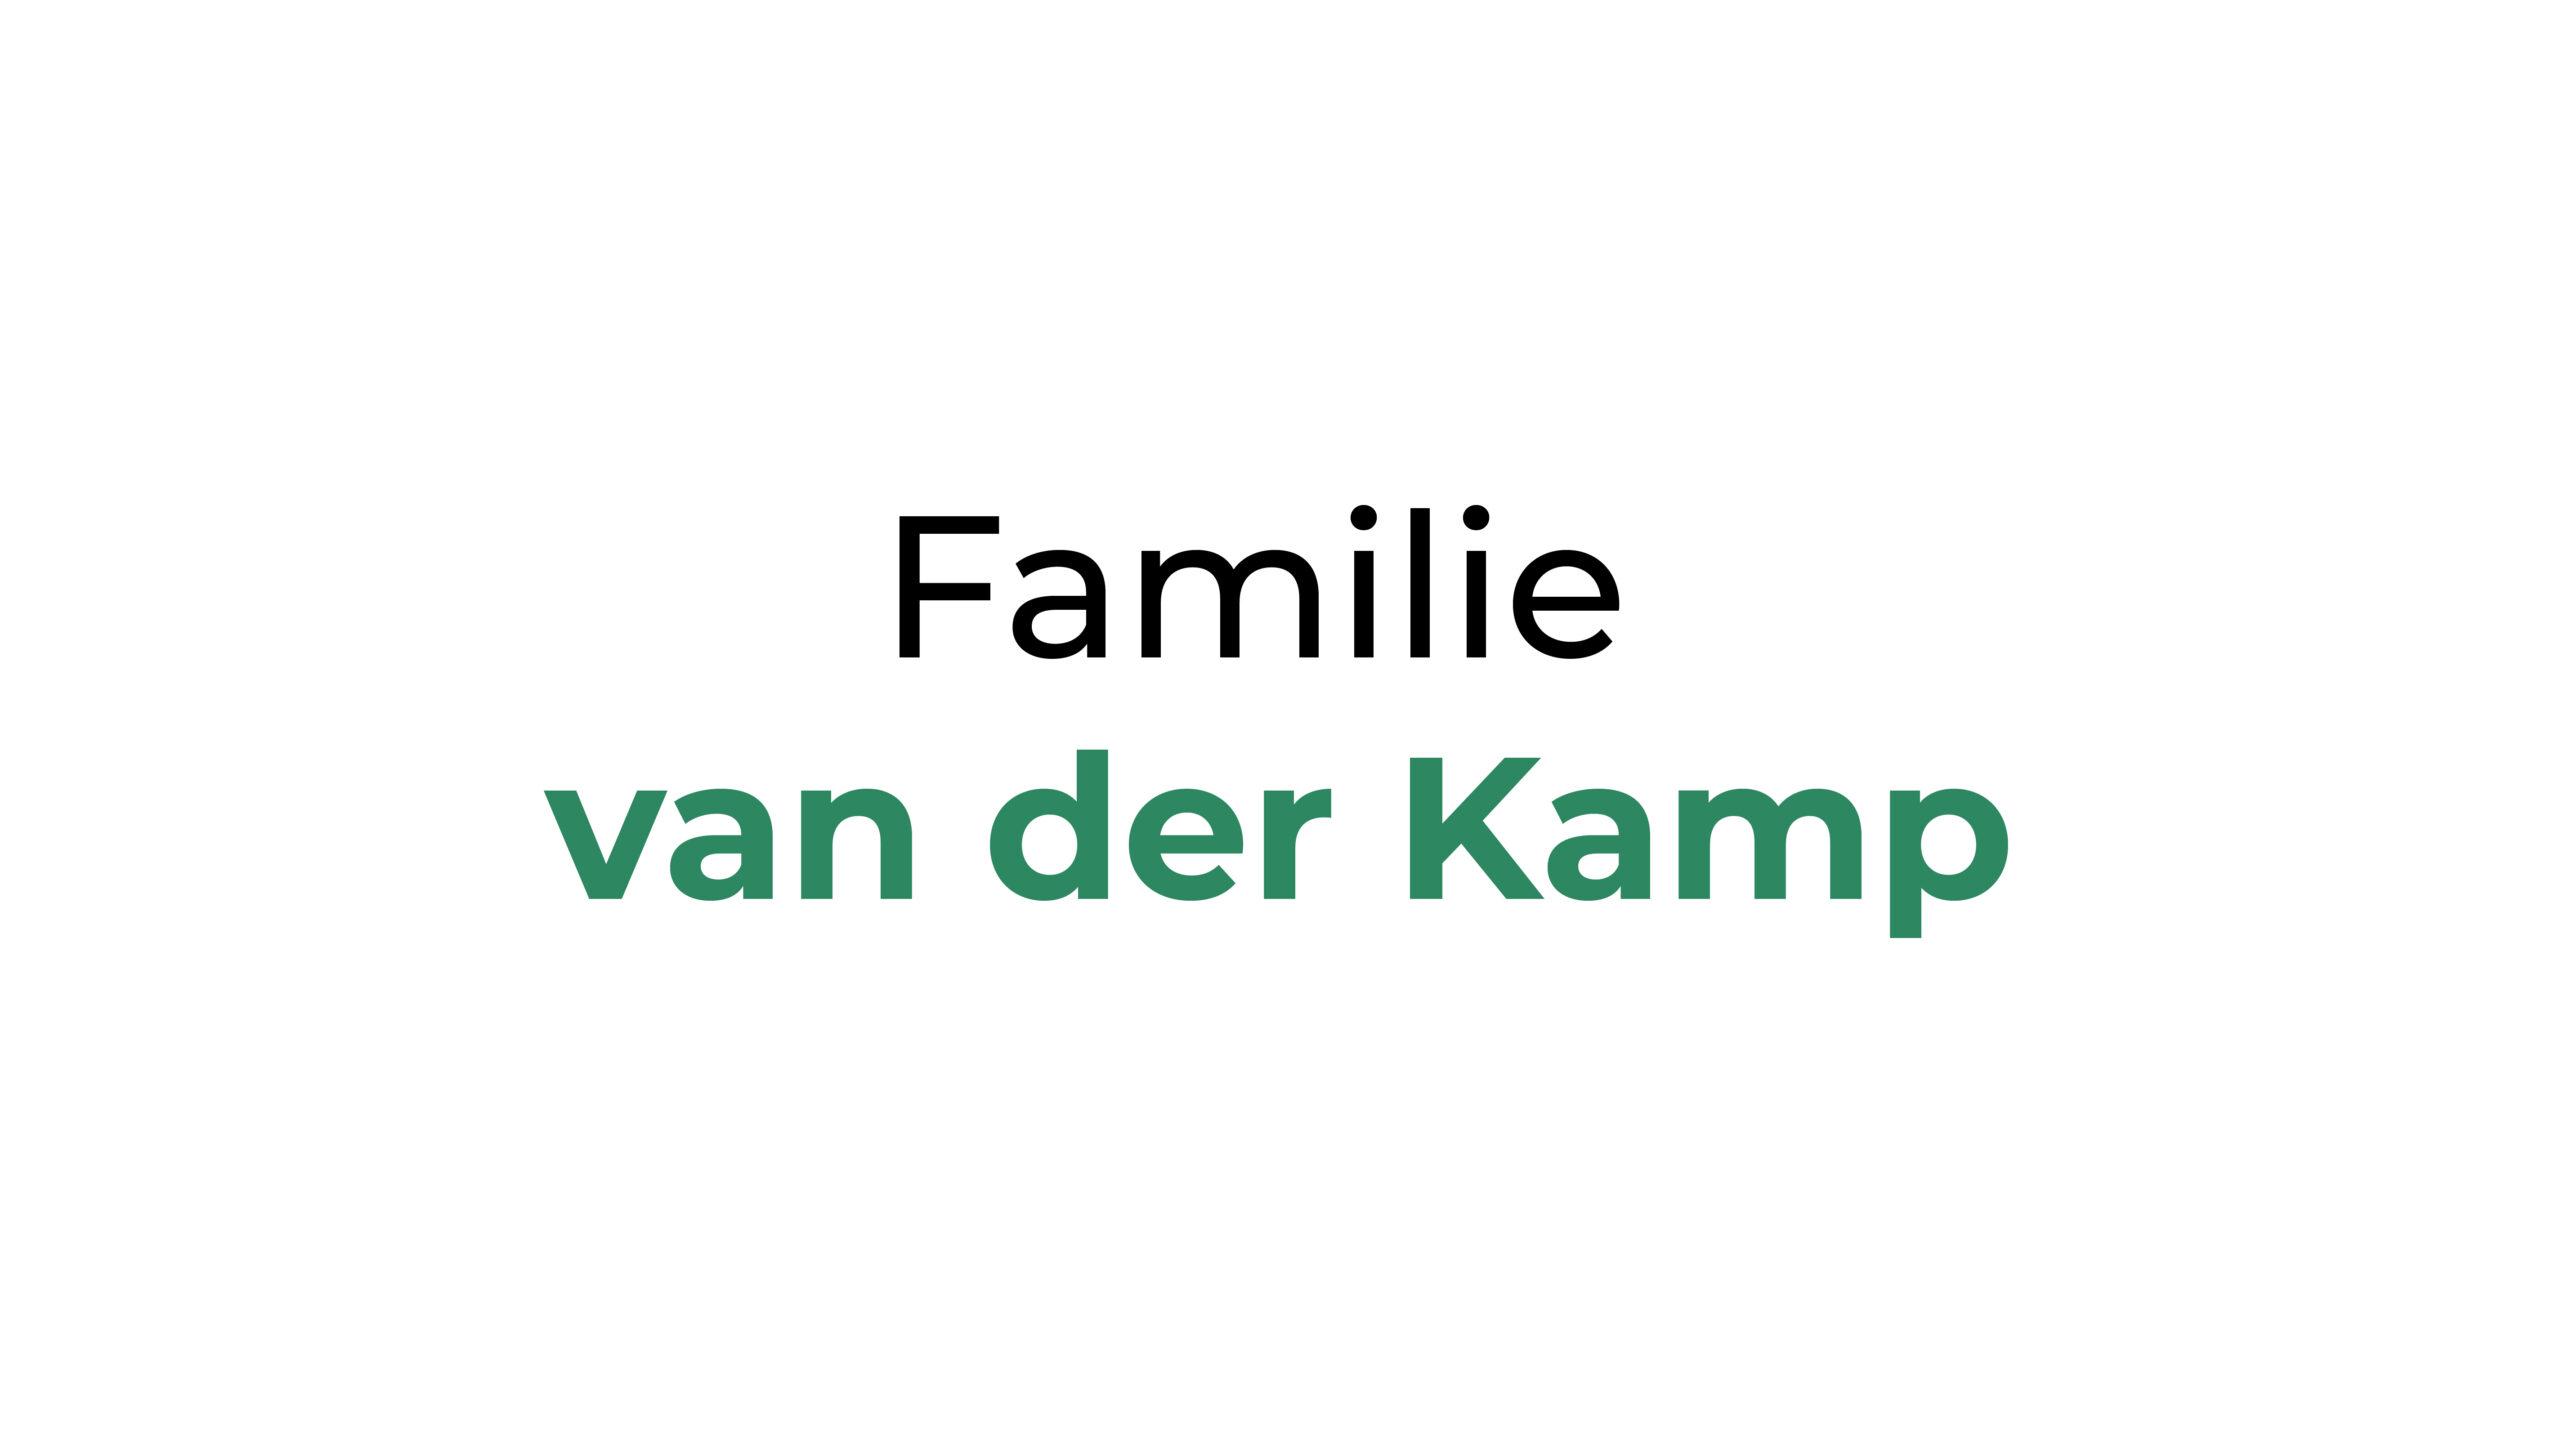 Familie van der Kamp